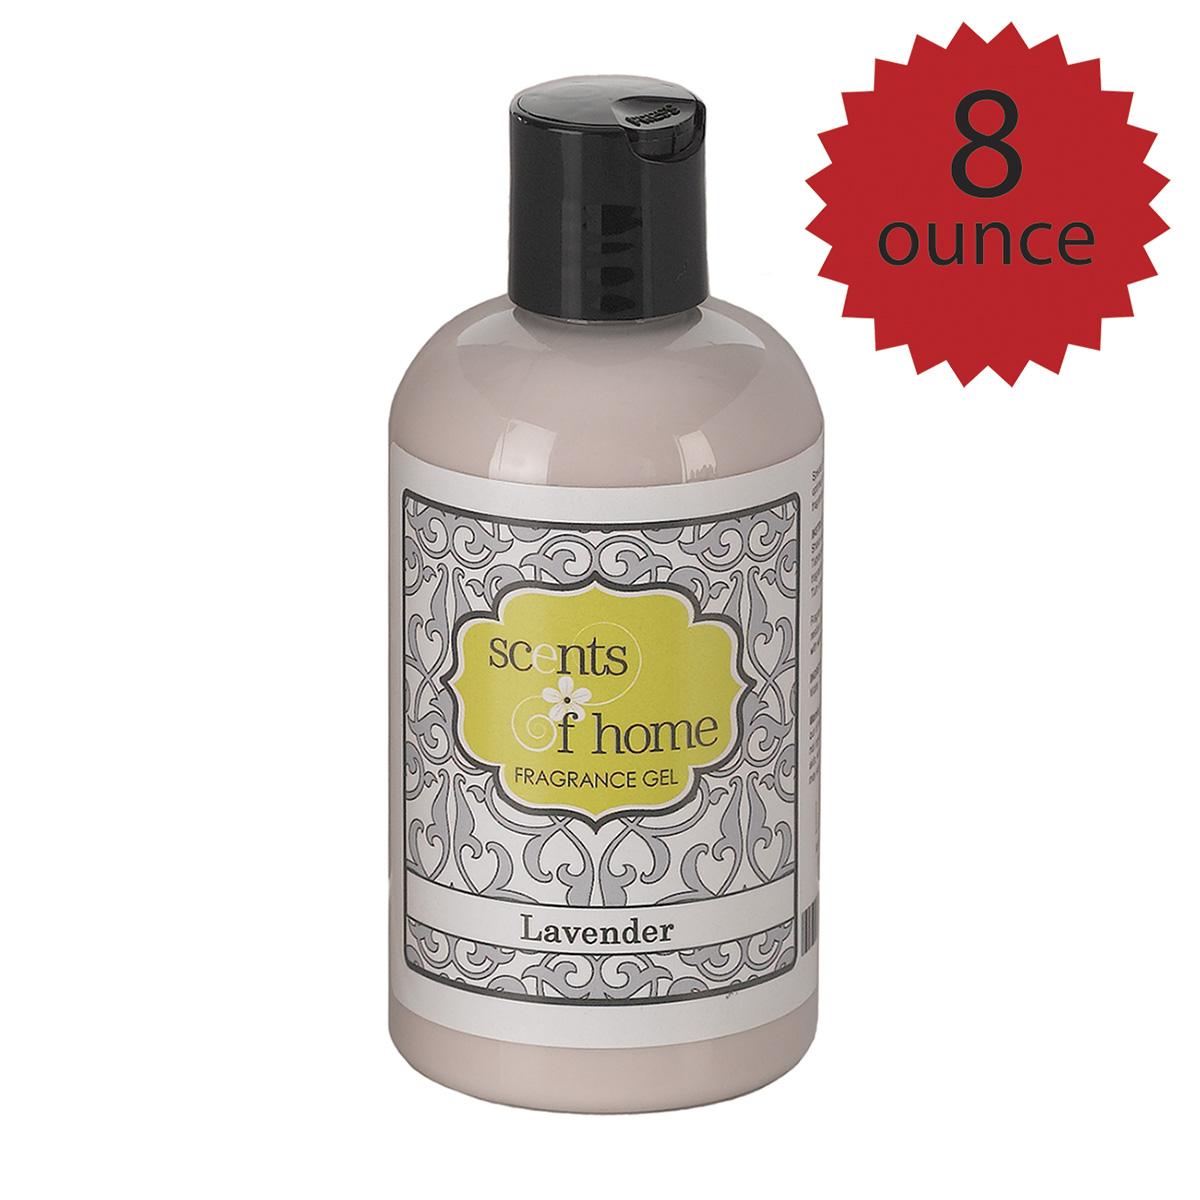 8 oz. Fragrance Gel - Lavender